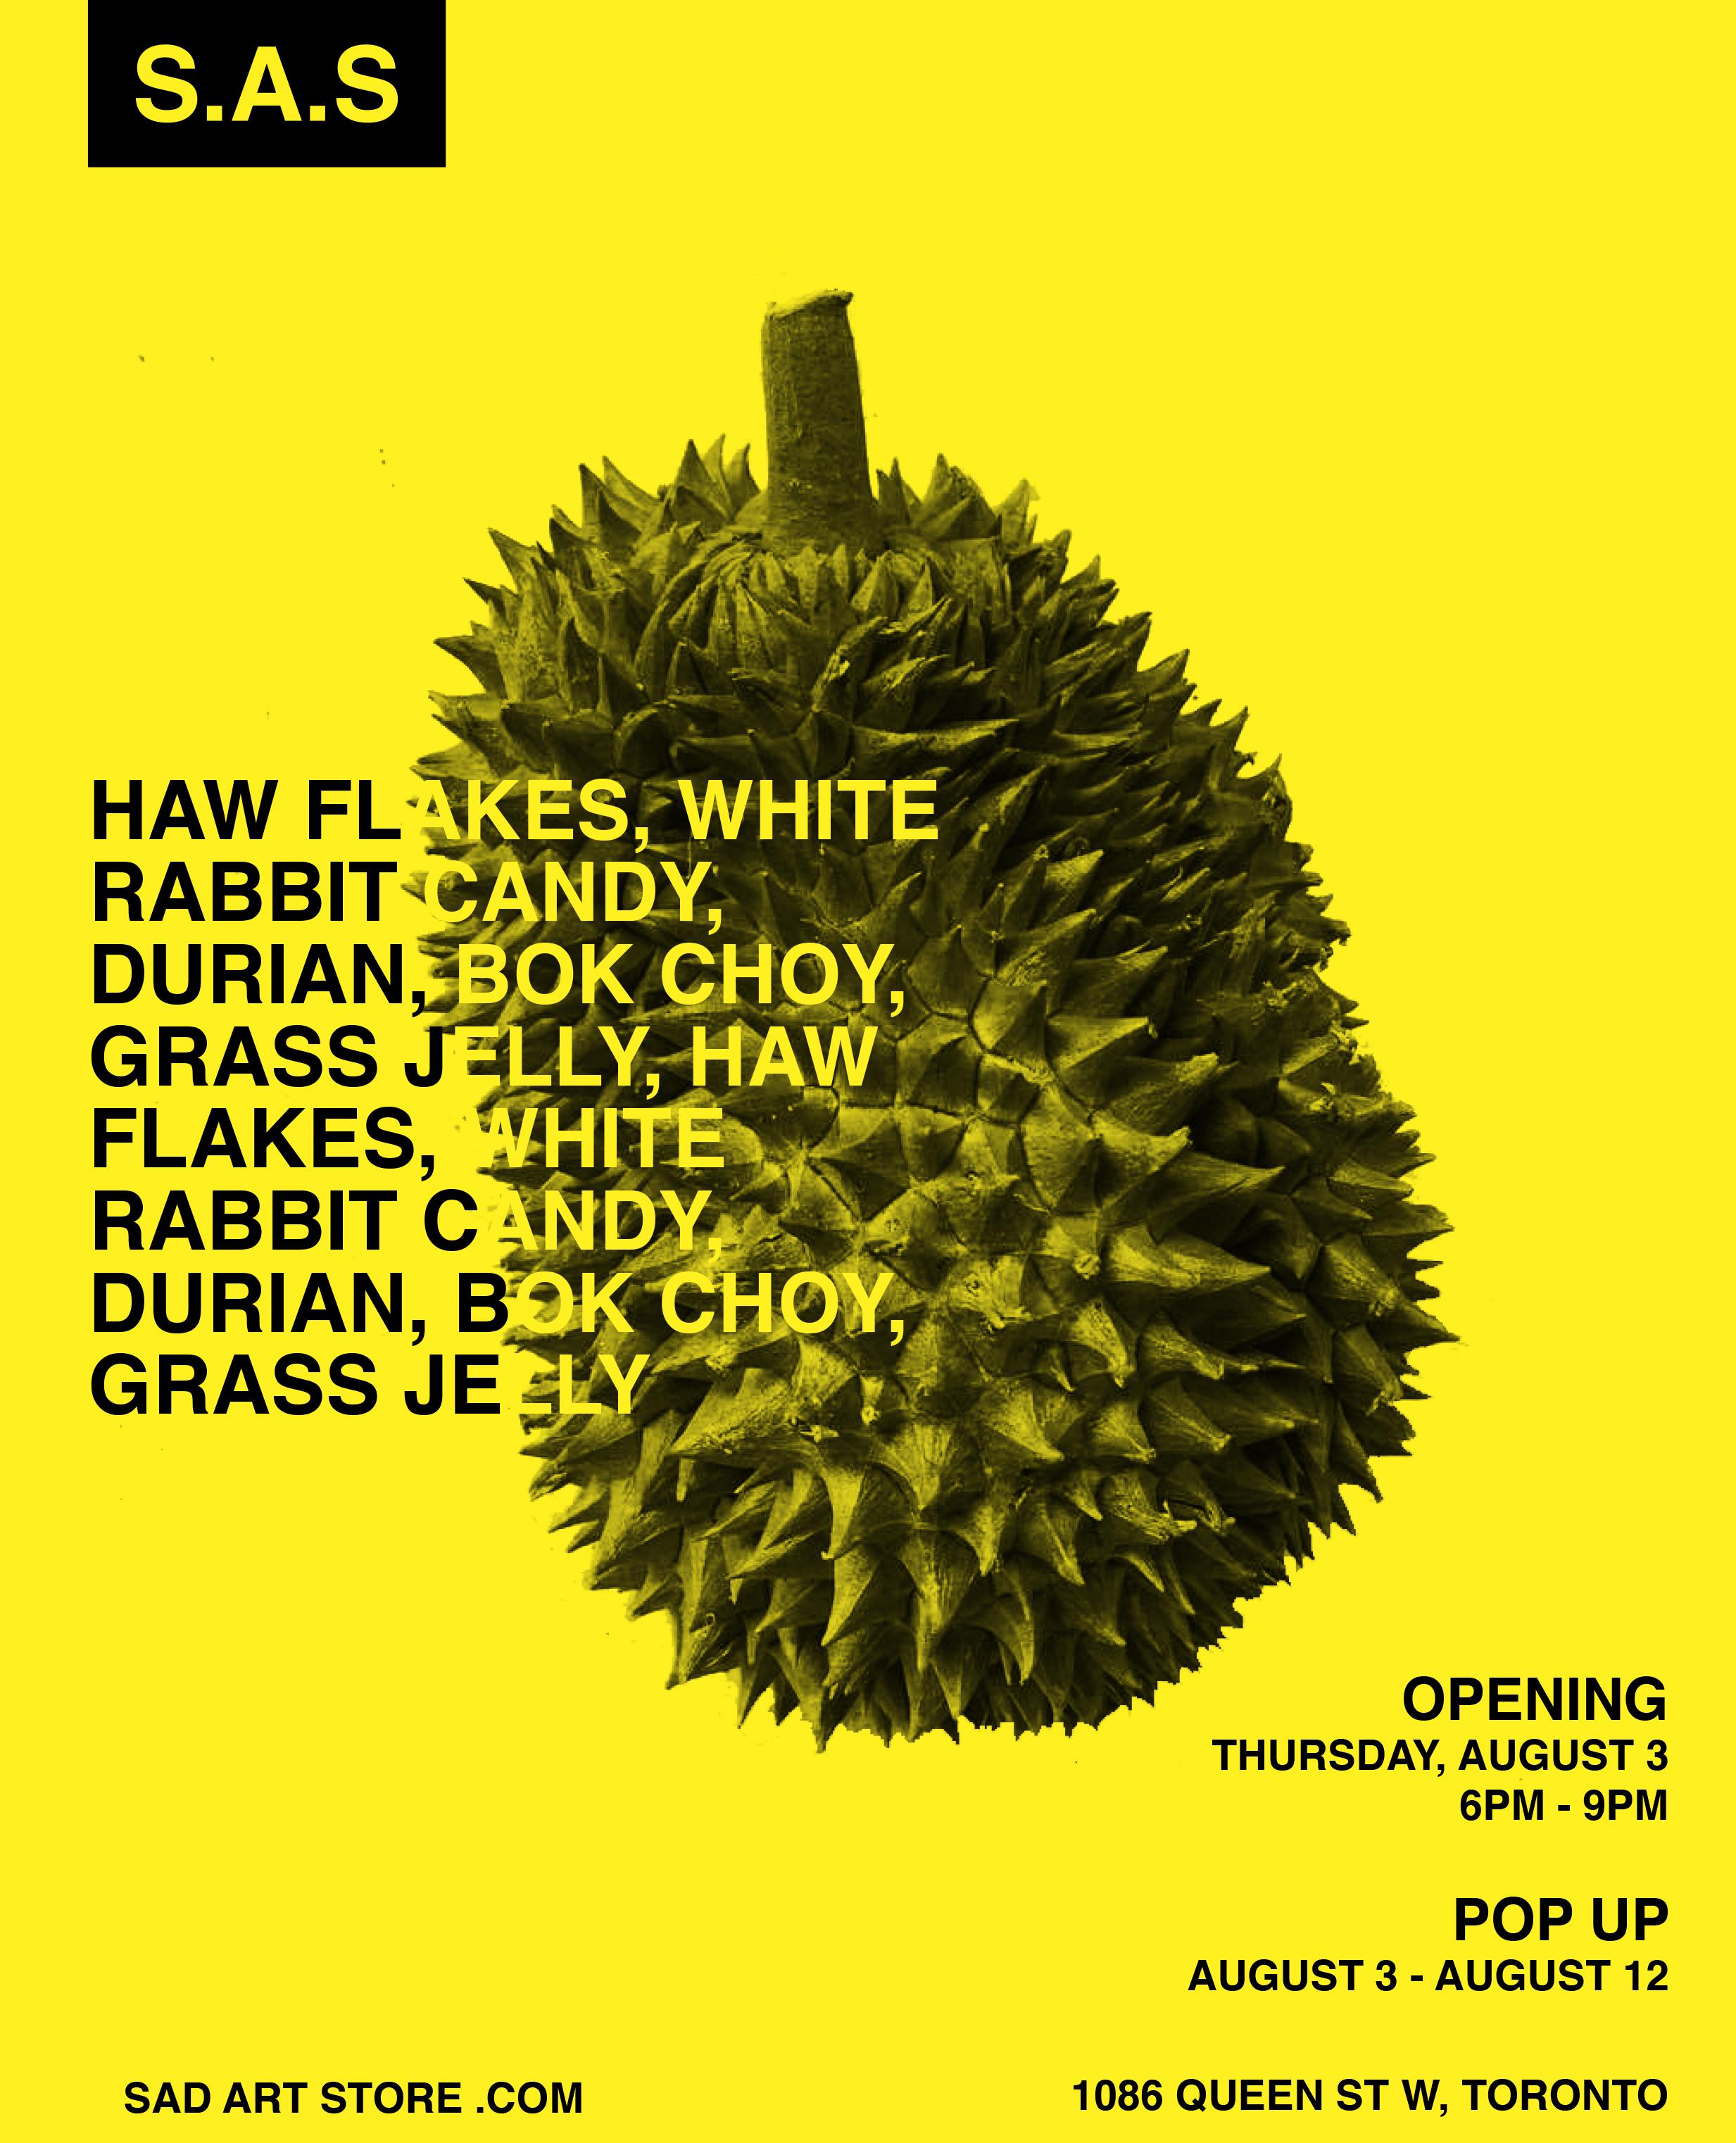 SAS-promo-poster_durian.jpg